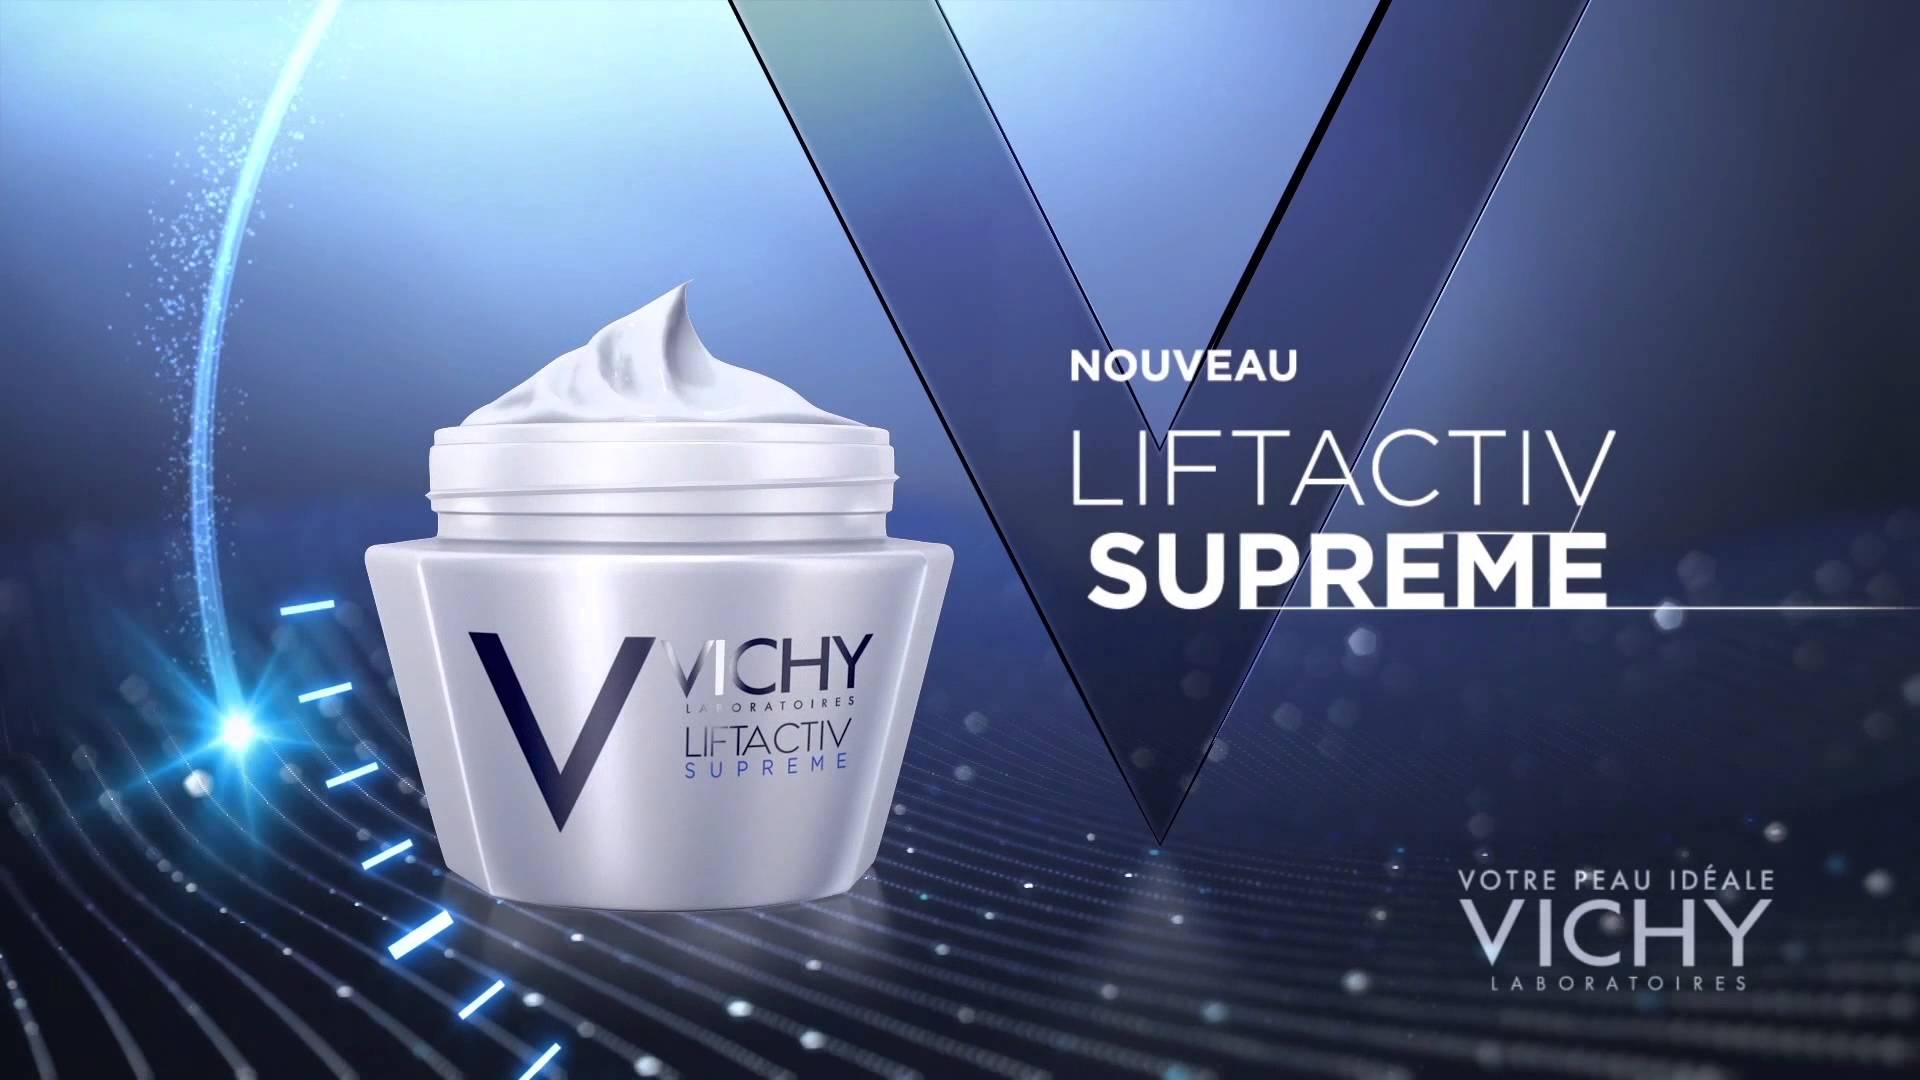 Kem Dưỡng Ngăn Ngừa Lão Hóa Da Ban Ngày Vichy Liftactiv Supreme Day Cream